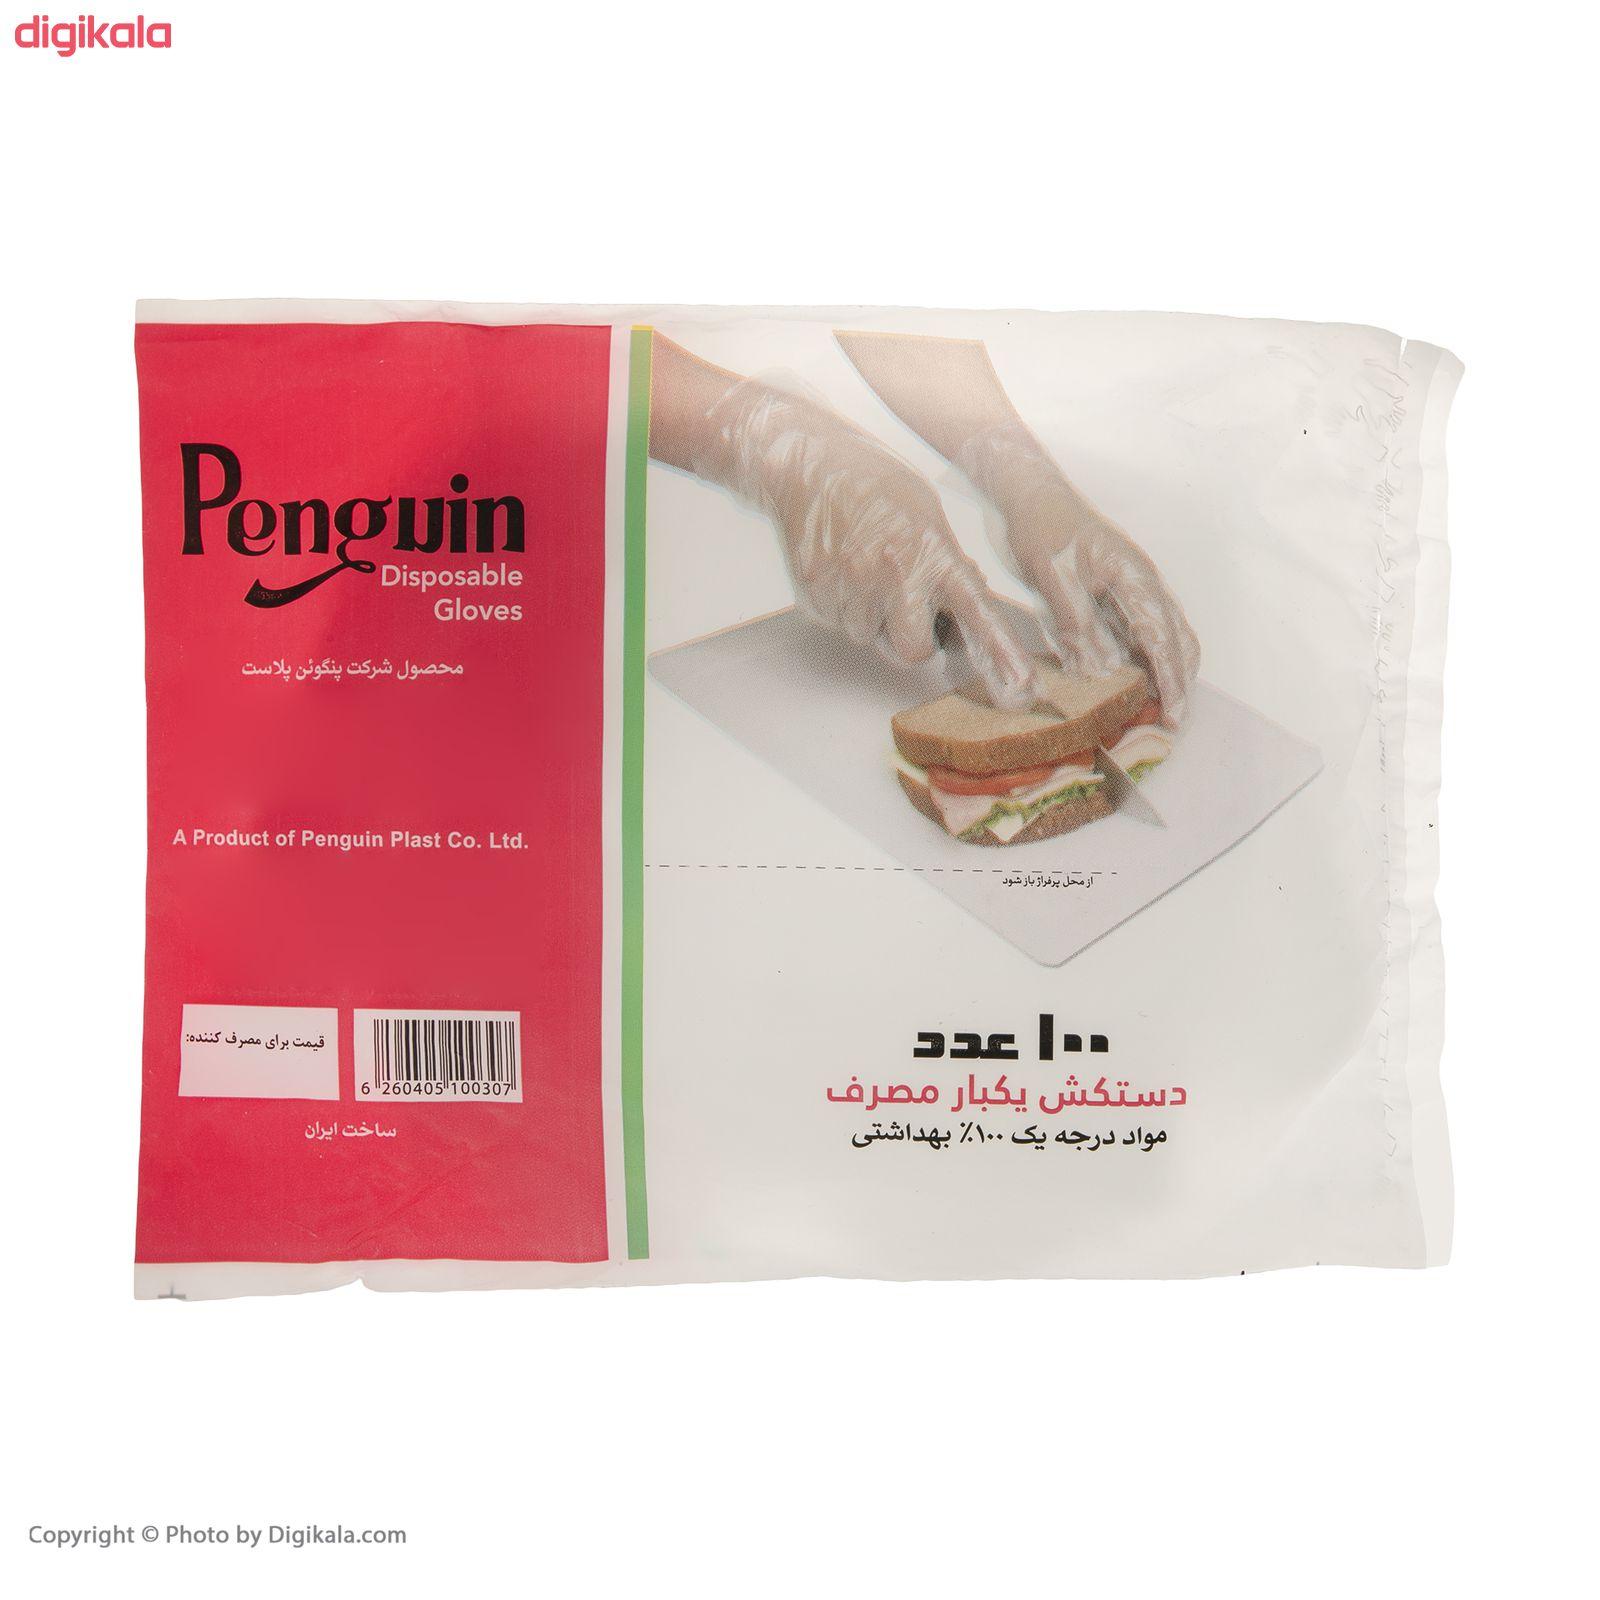 دستکش یکبار مصرف پنگوئن مدل A92 بسته 100 عددی main 1 2